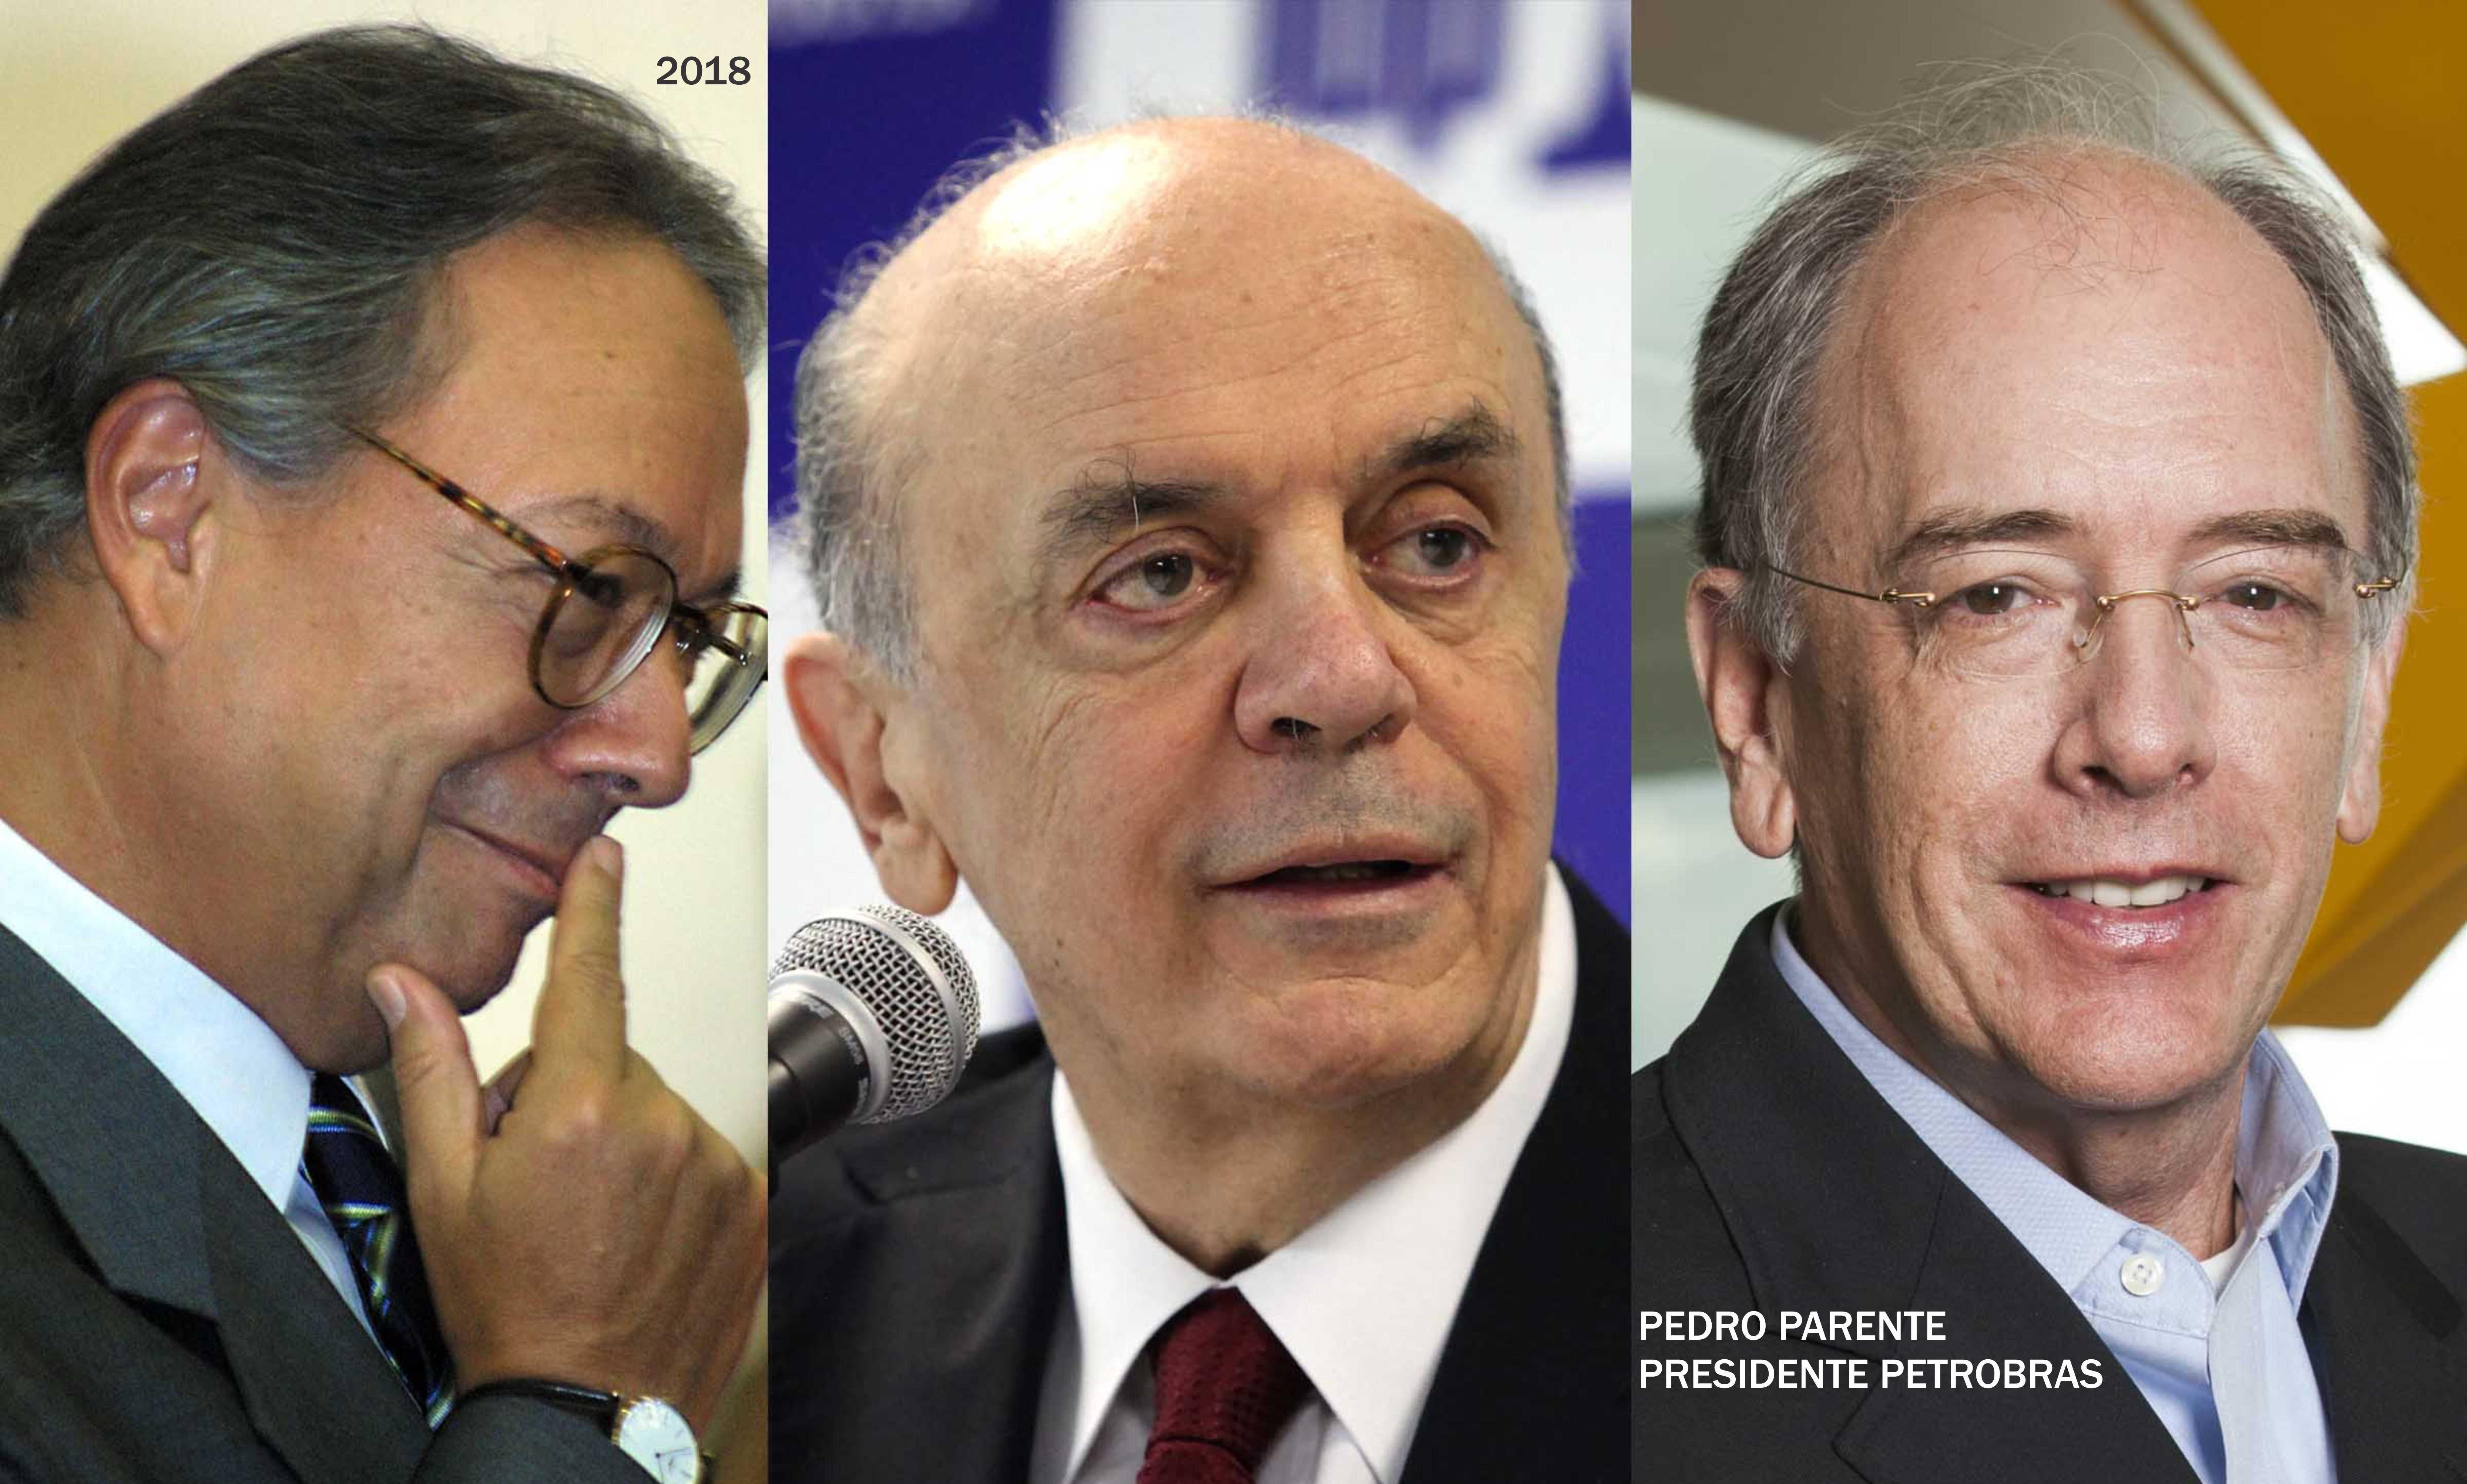 PEDRO PARENTE PRESIDENTE PETROBRAS